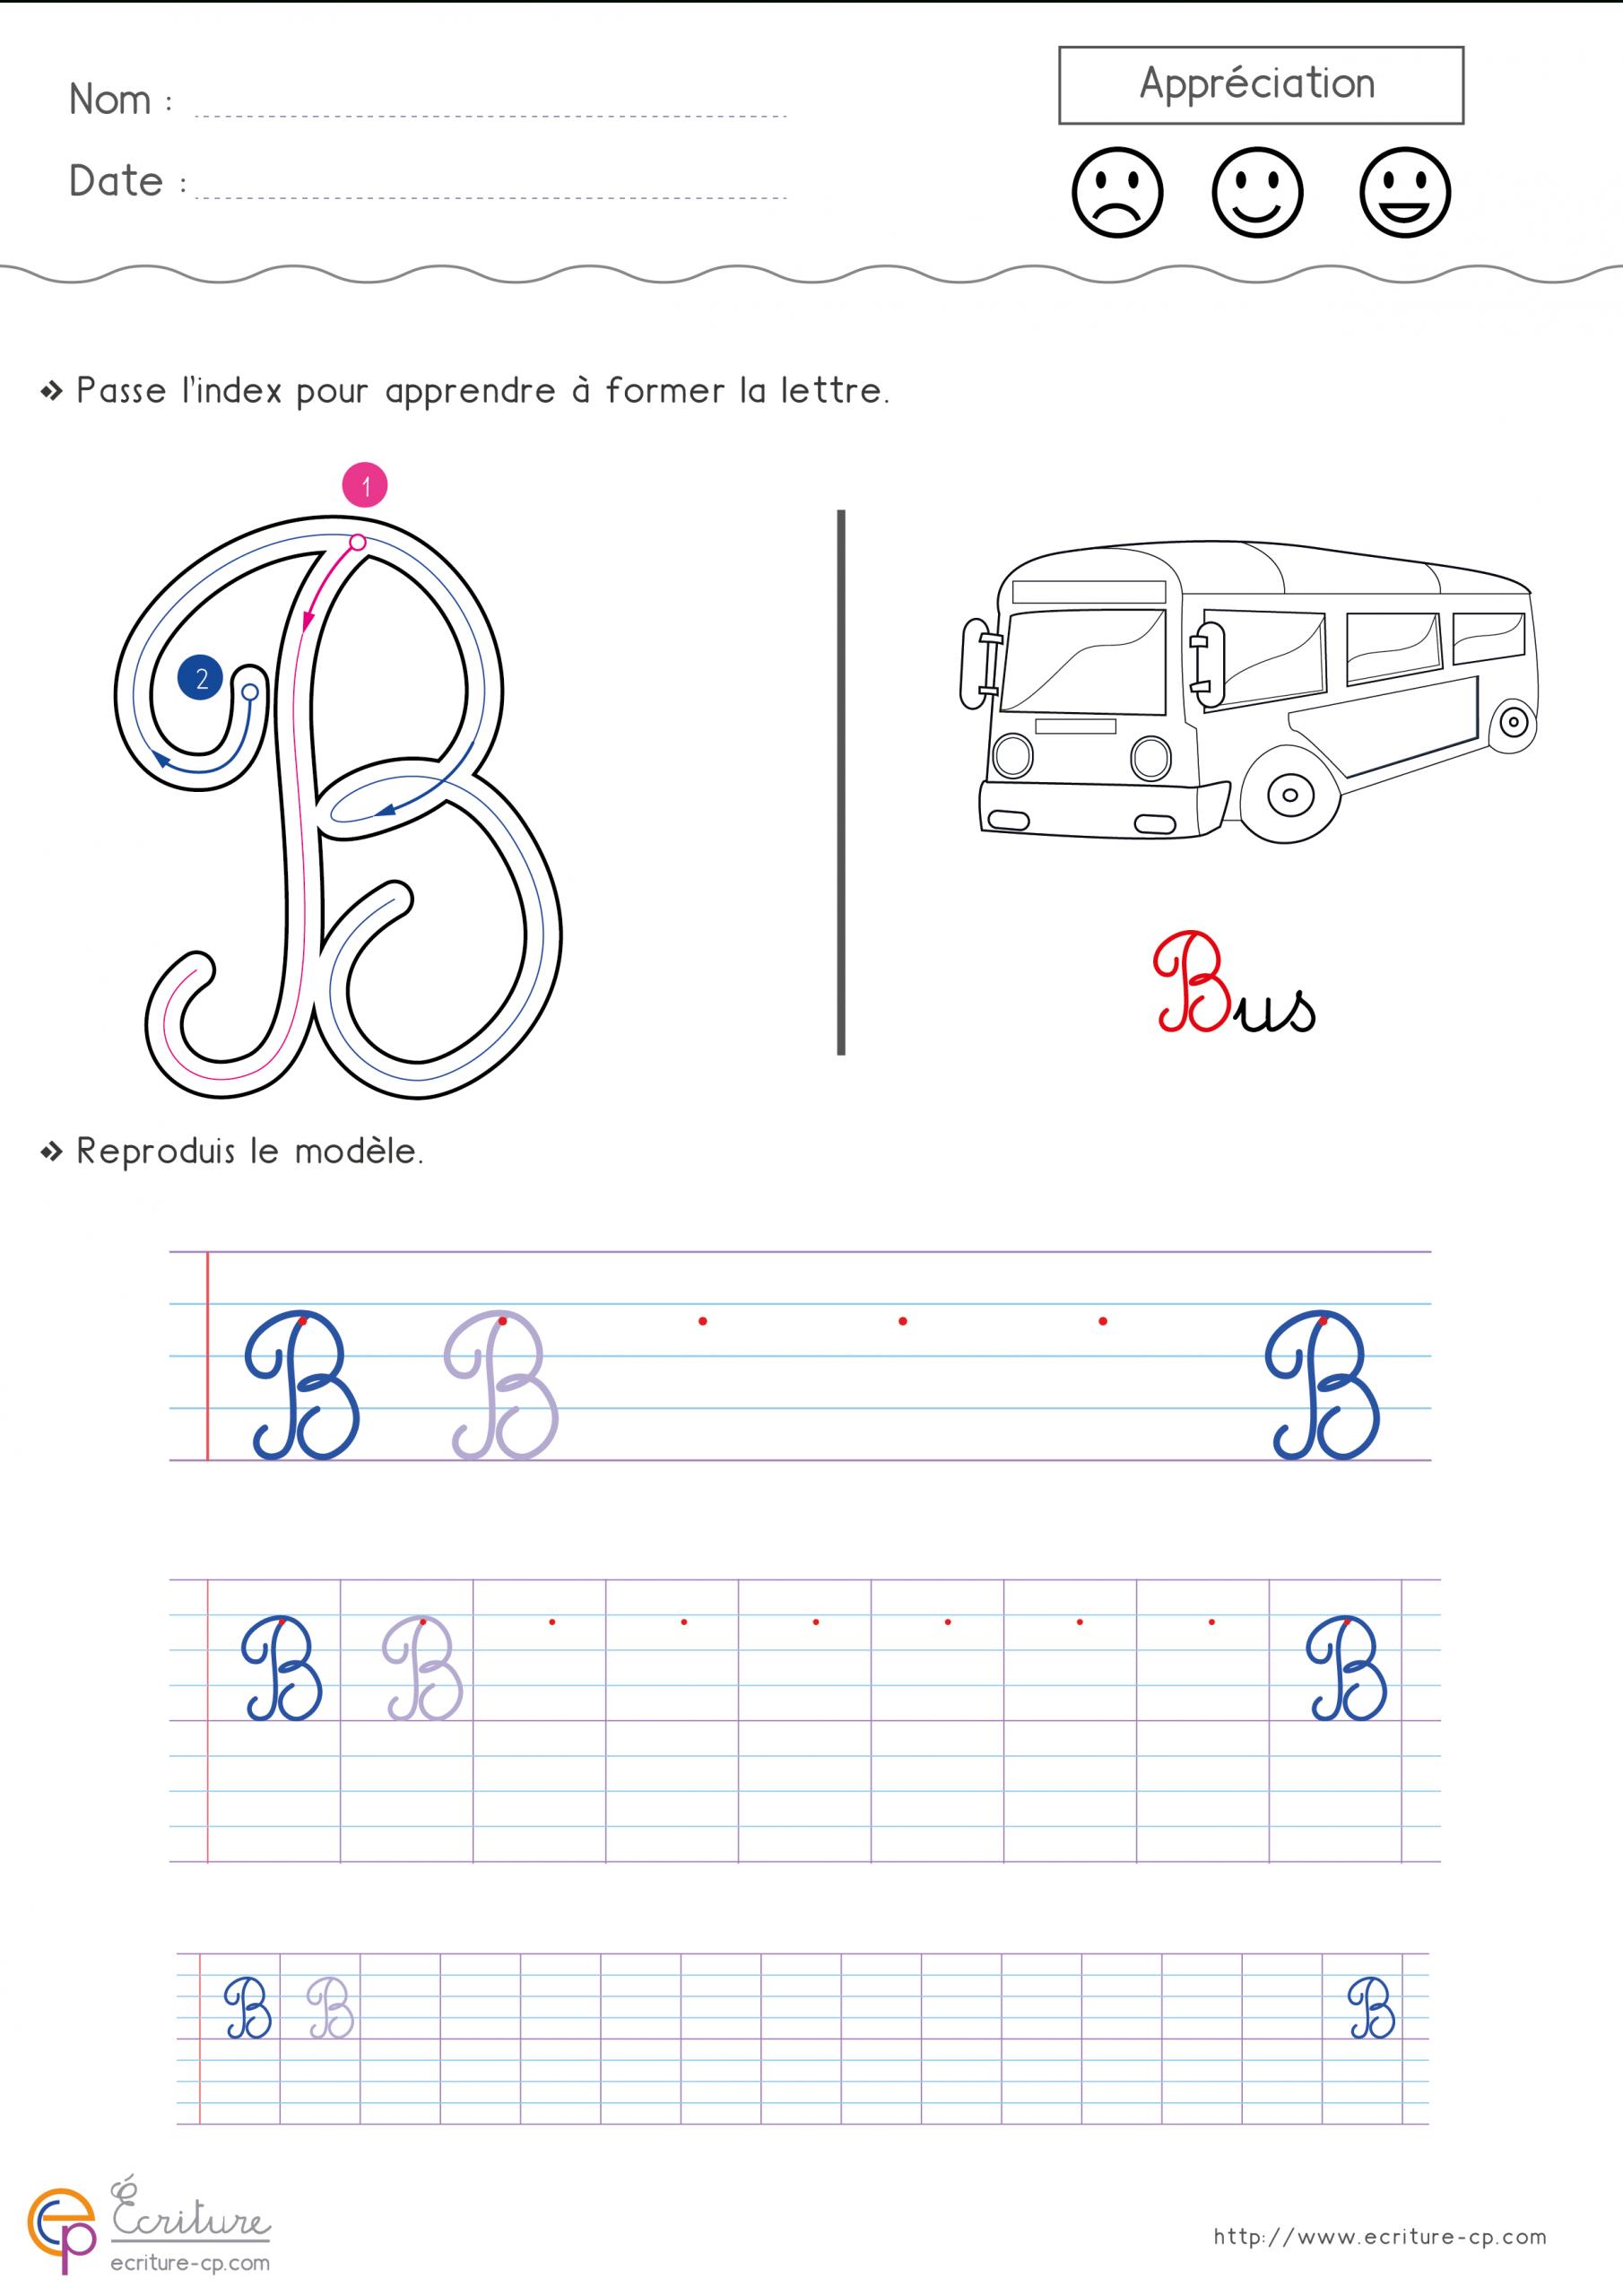 Download Apprends A Ecrire Les Lettres - Pdf Free | Read Pdf destiné Apprendre A Ecrire Les Lettres